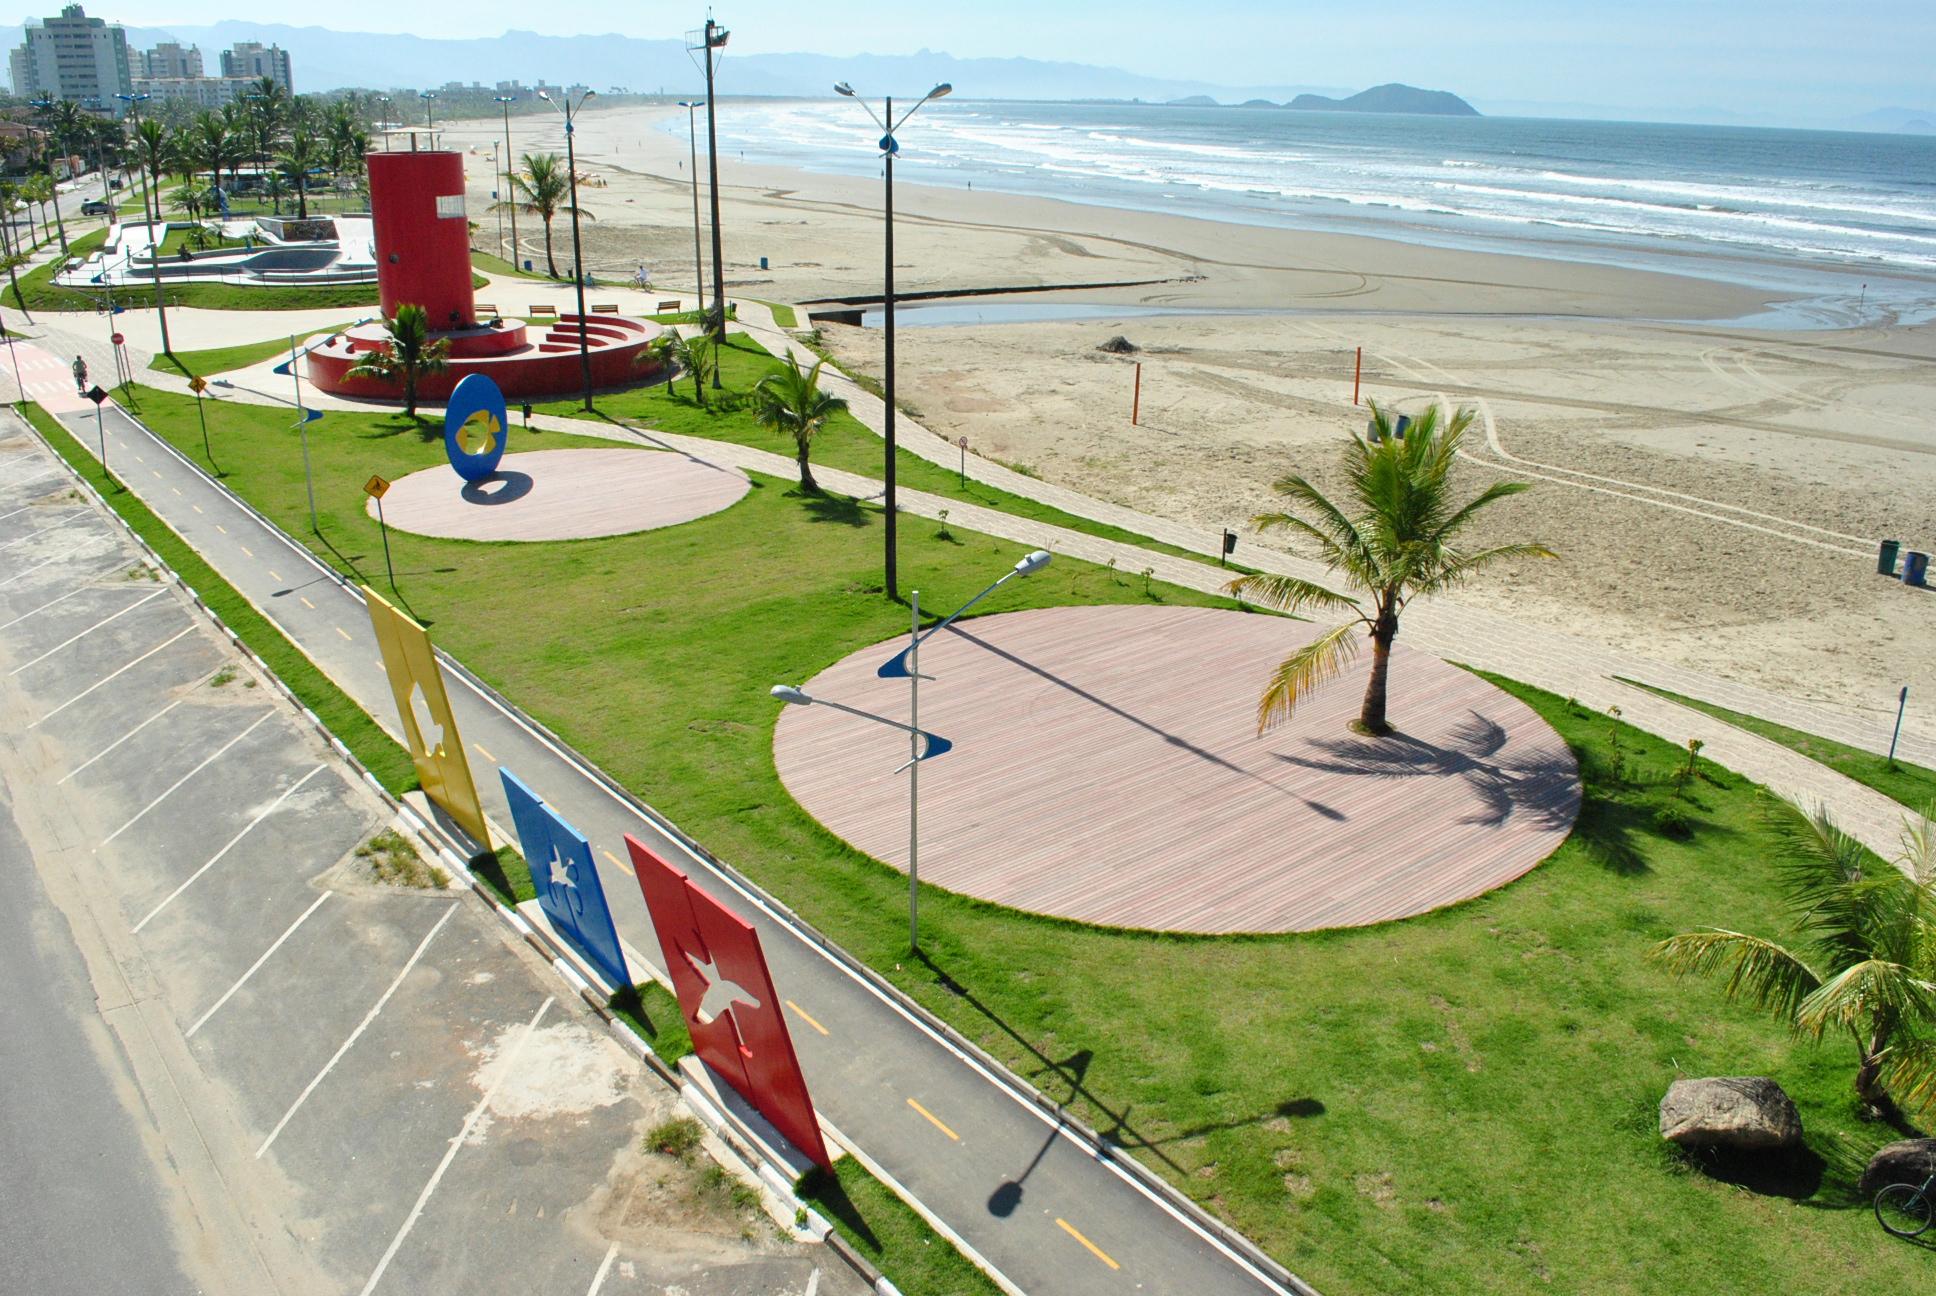 Orla da praia da Enseada de Bertioga, no litoral do estado de São Paulo